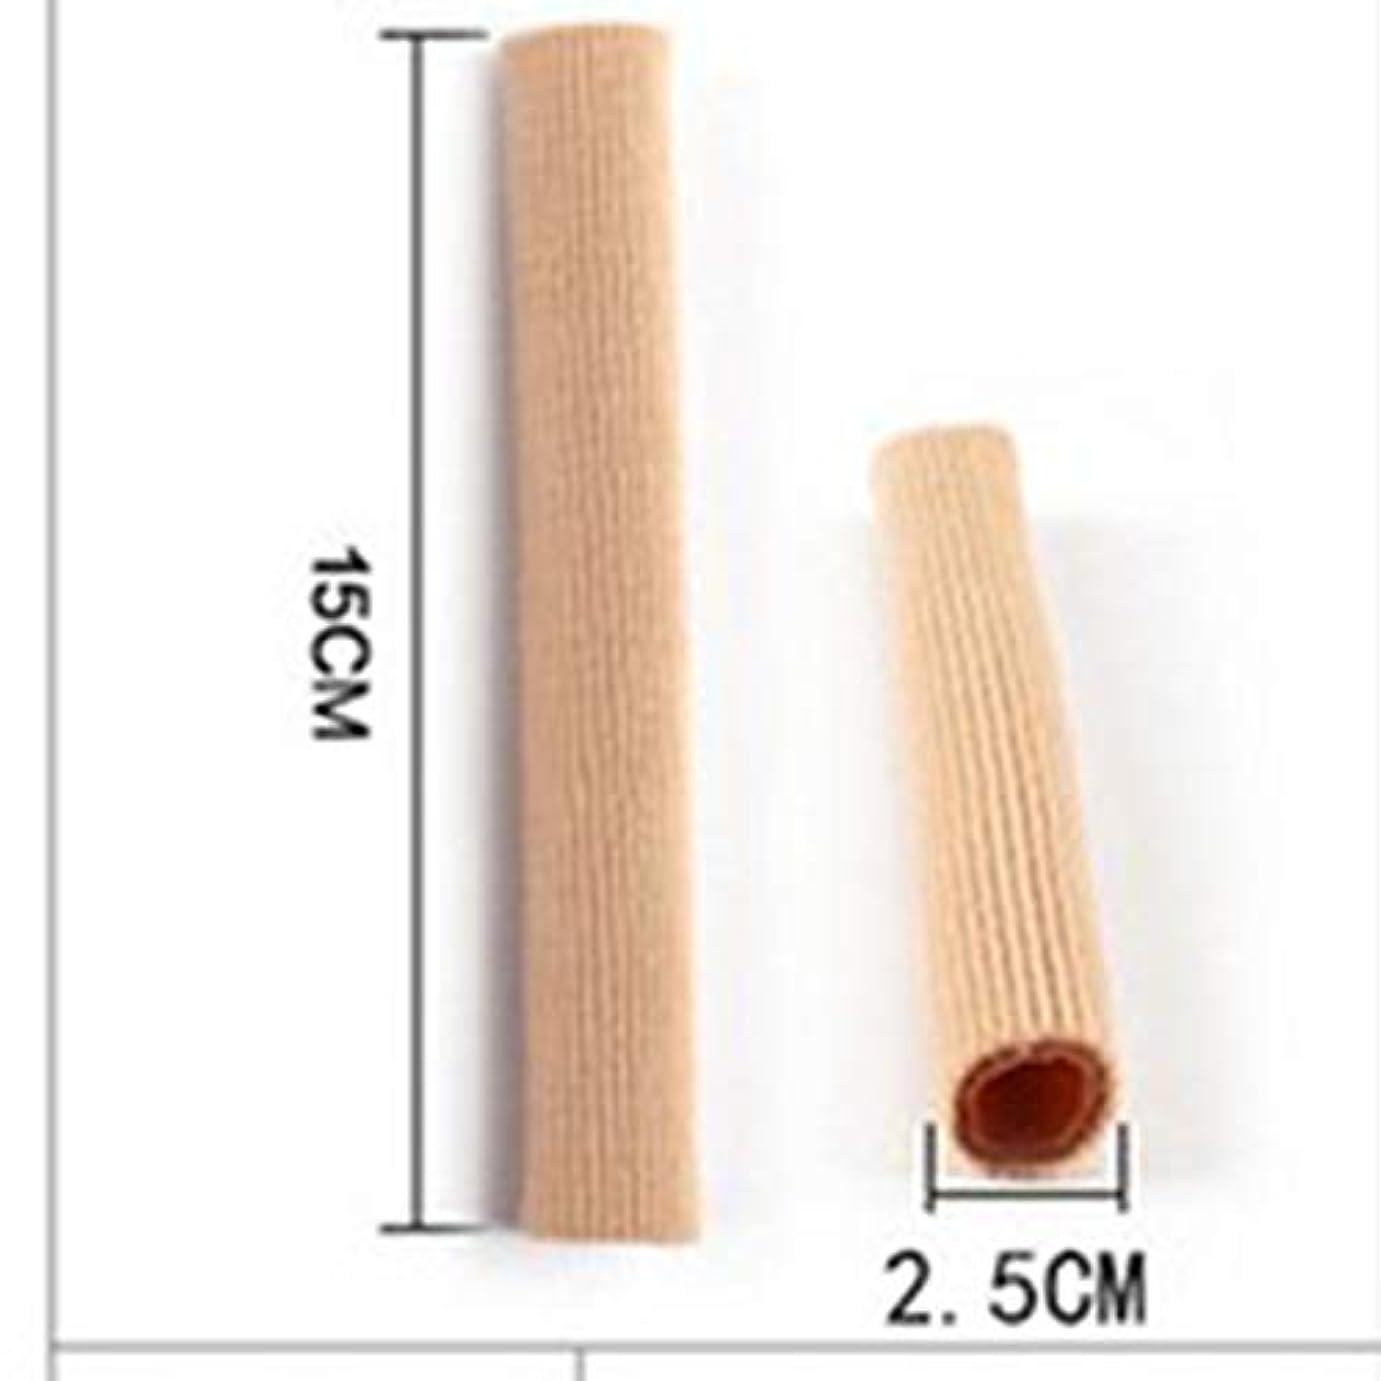 不快クライマックス言語Open Toe Tubes Gel Lined Fabric Sleeve Protectors To Prevent Corns, Calluses And Blisters While Softening And...